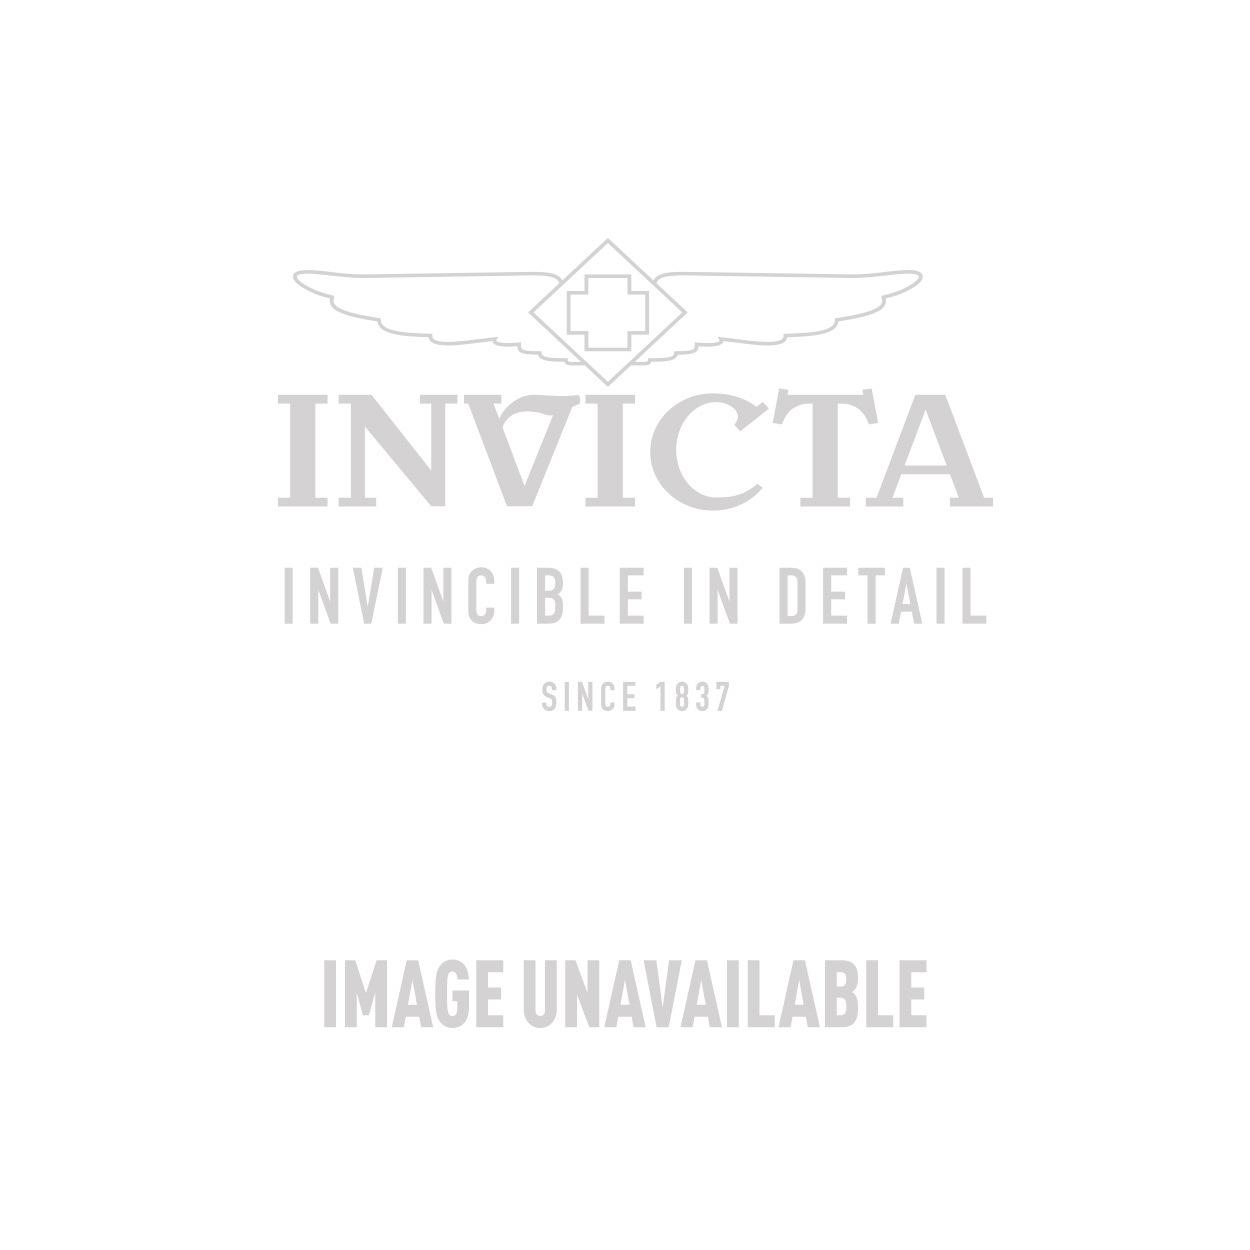 INVICTA Jewelry AISHA Necklaces 80 26.4 Silver 925 Rhodium - Model J0107